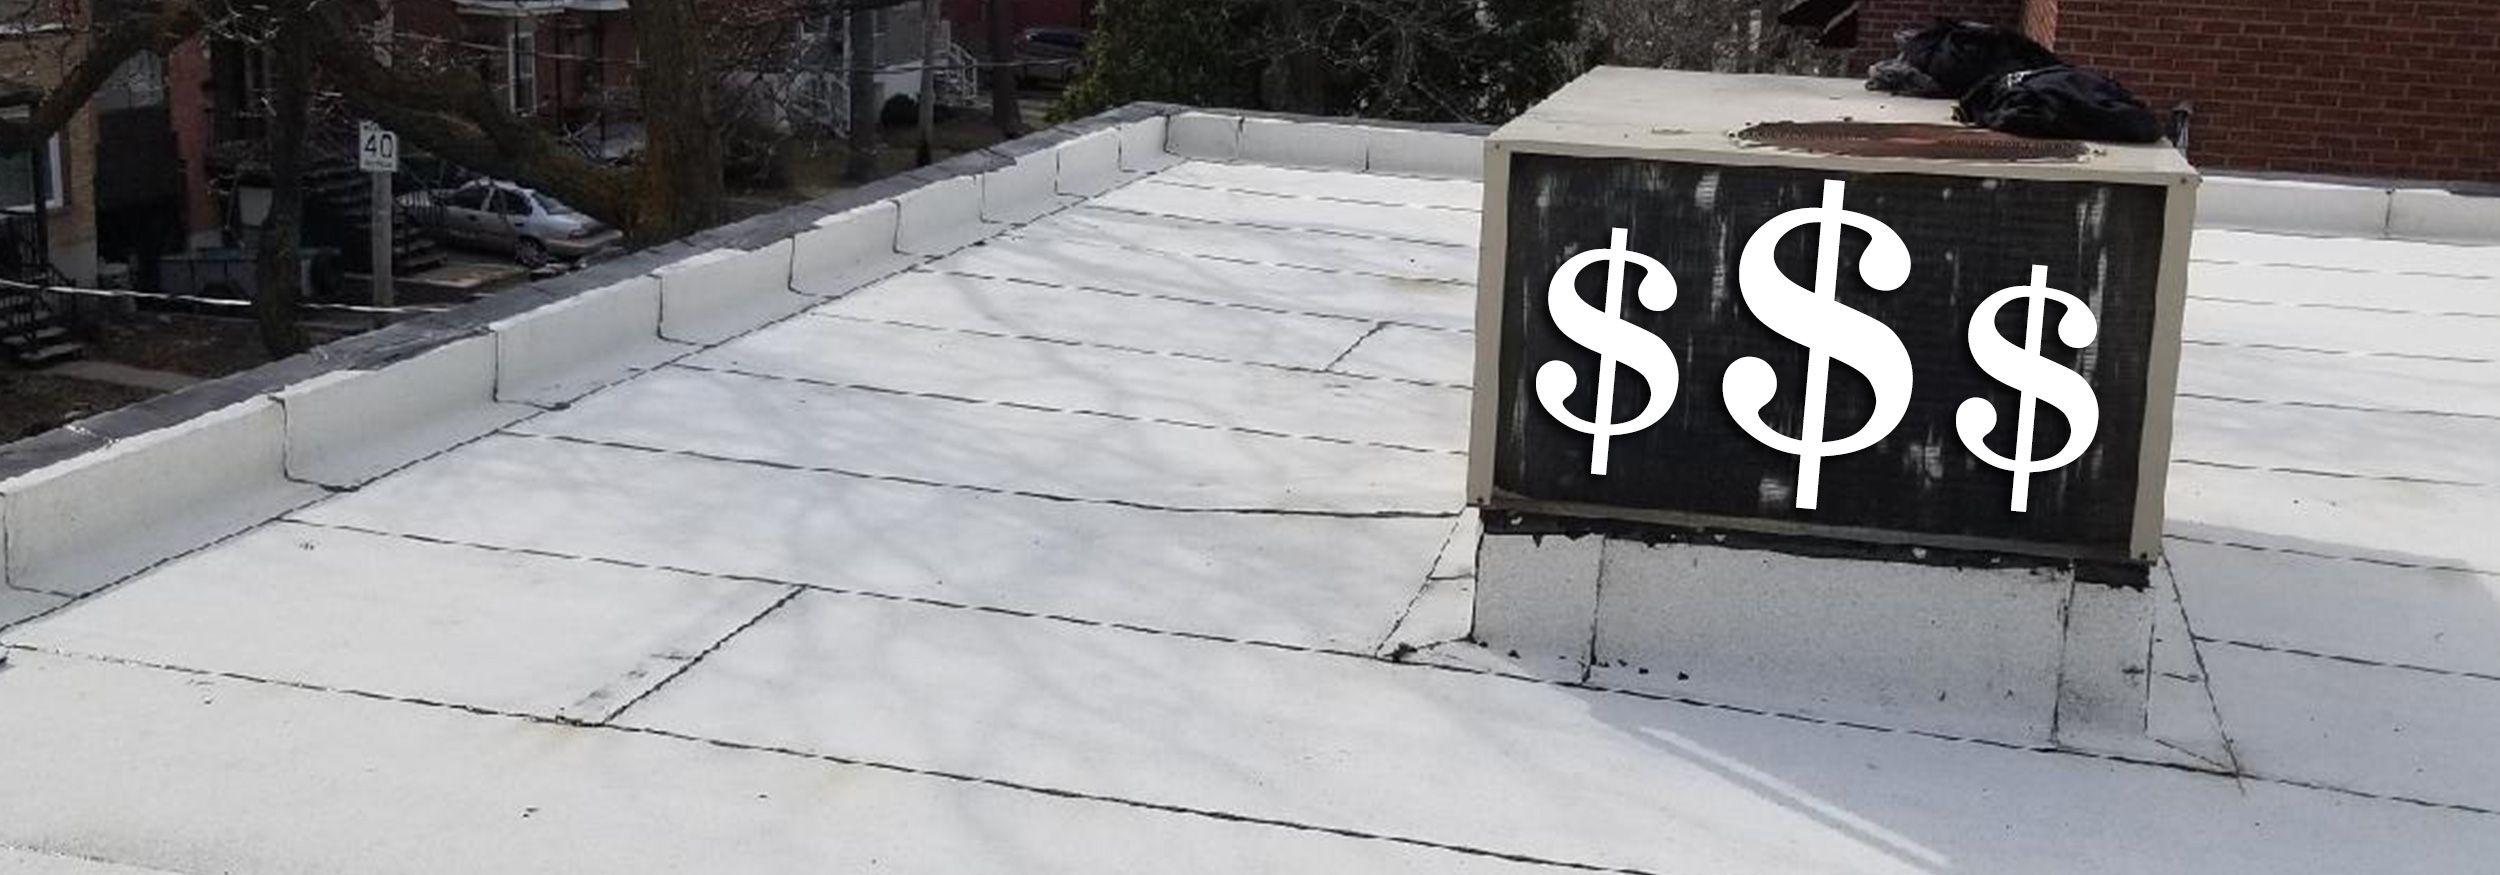 Quel prix doit-on payer pour sa toiture ?